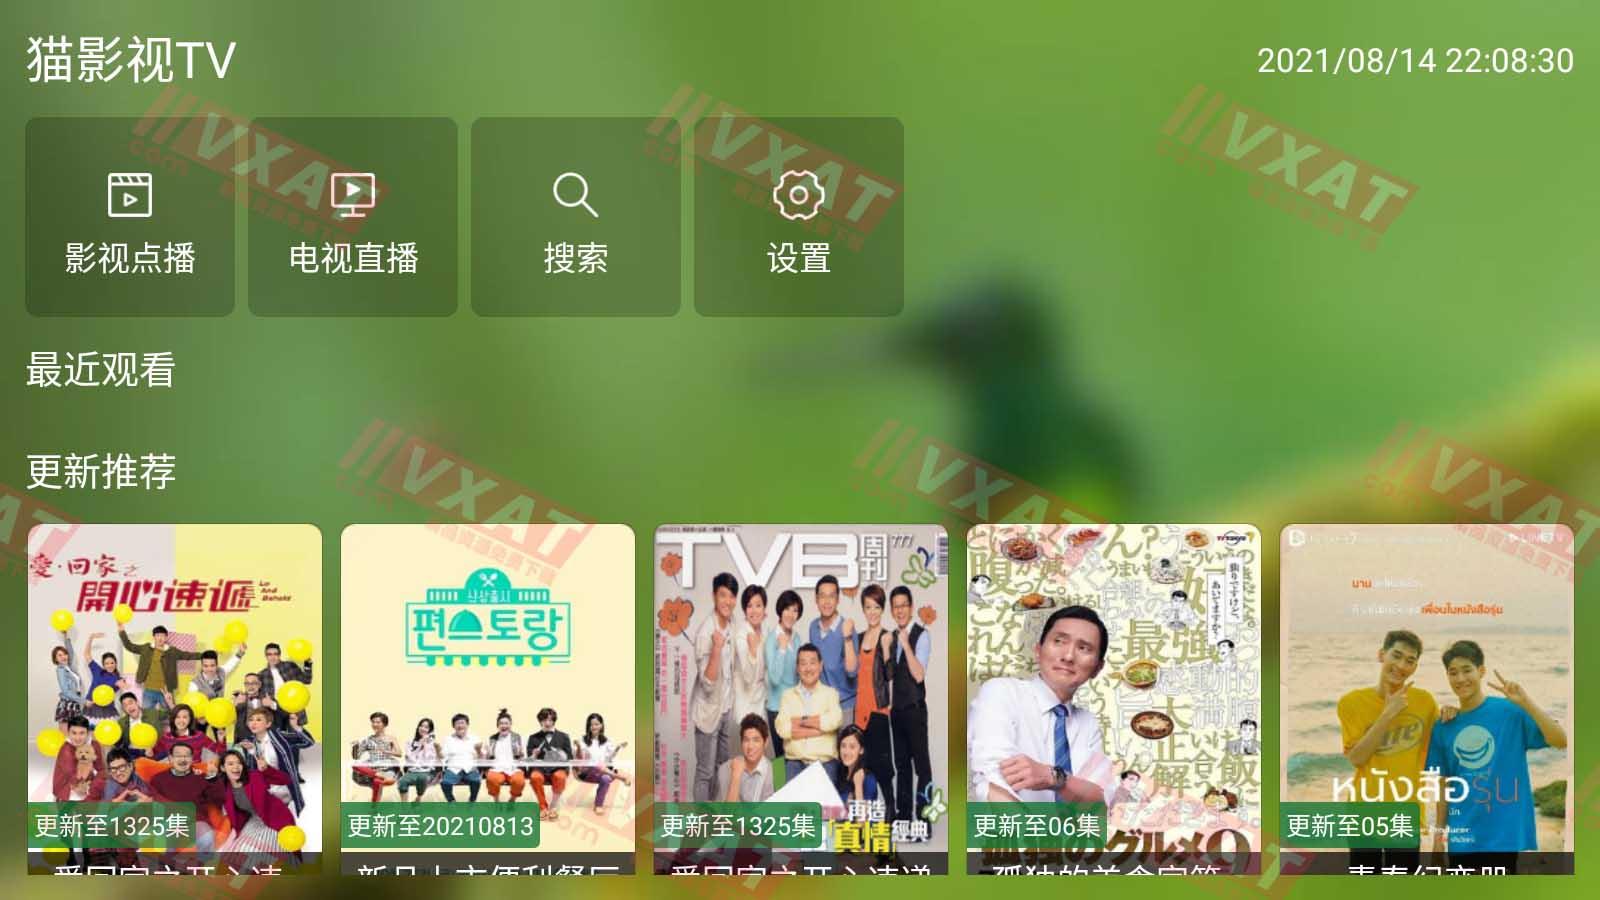 猫影视TV_v2.0.4 电视官方版 新增数据源 第1张